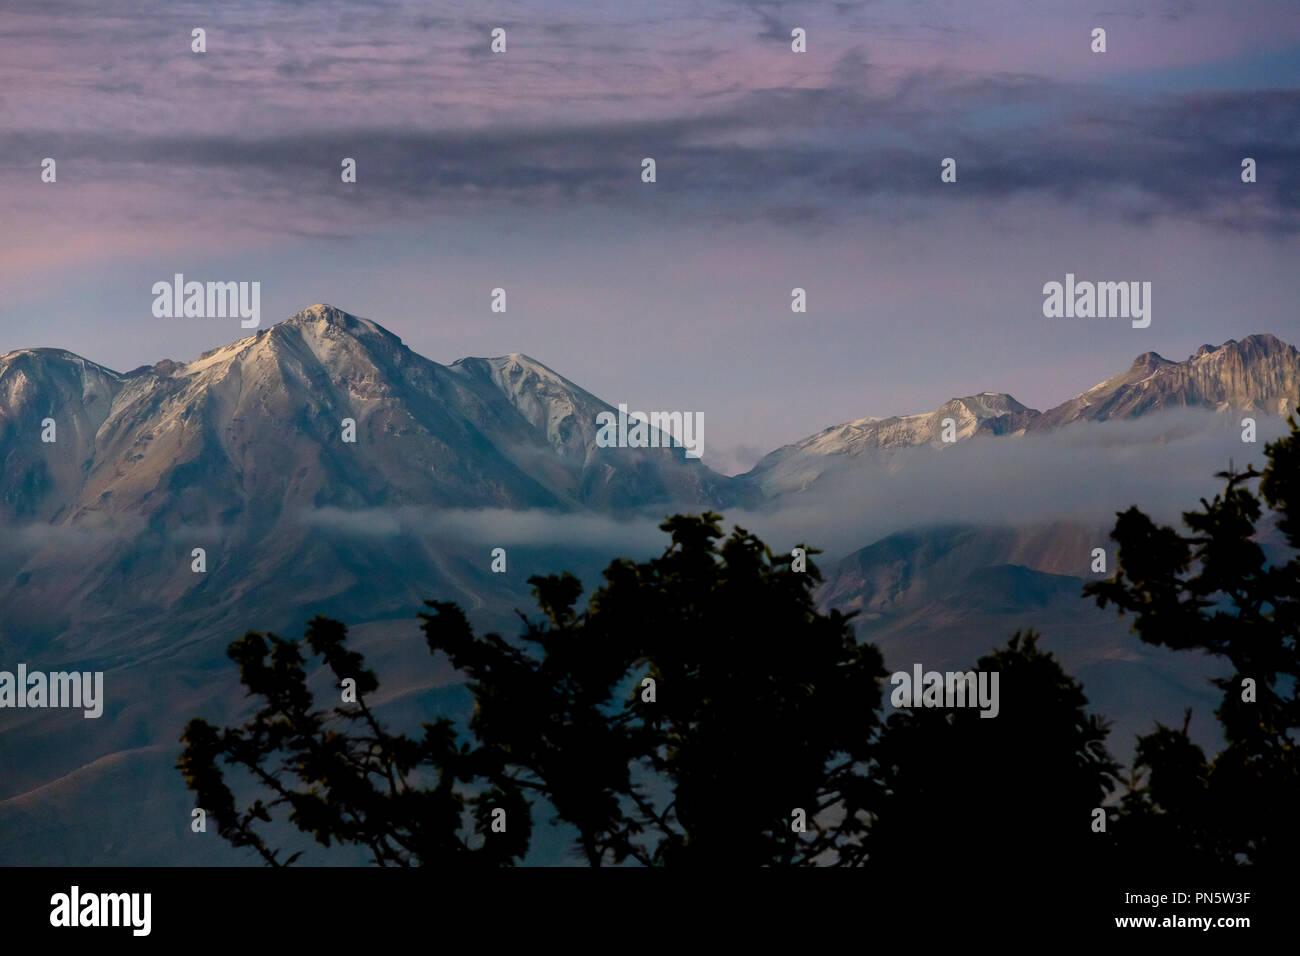 Im Morgengrauen, Die Anden in Peru , Bergette Anden, Arequipa Peru - Stock Image